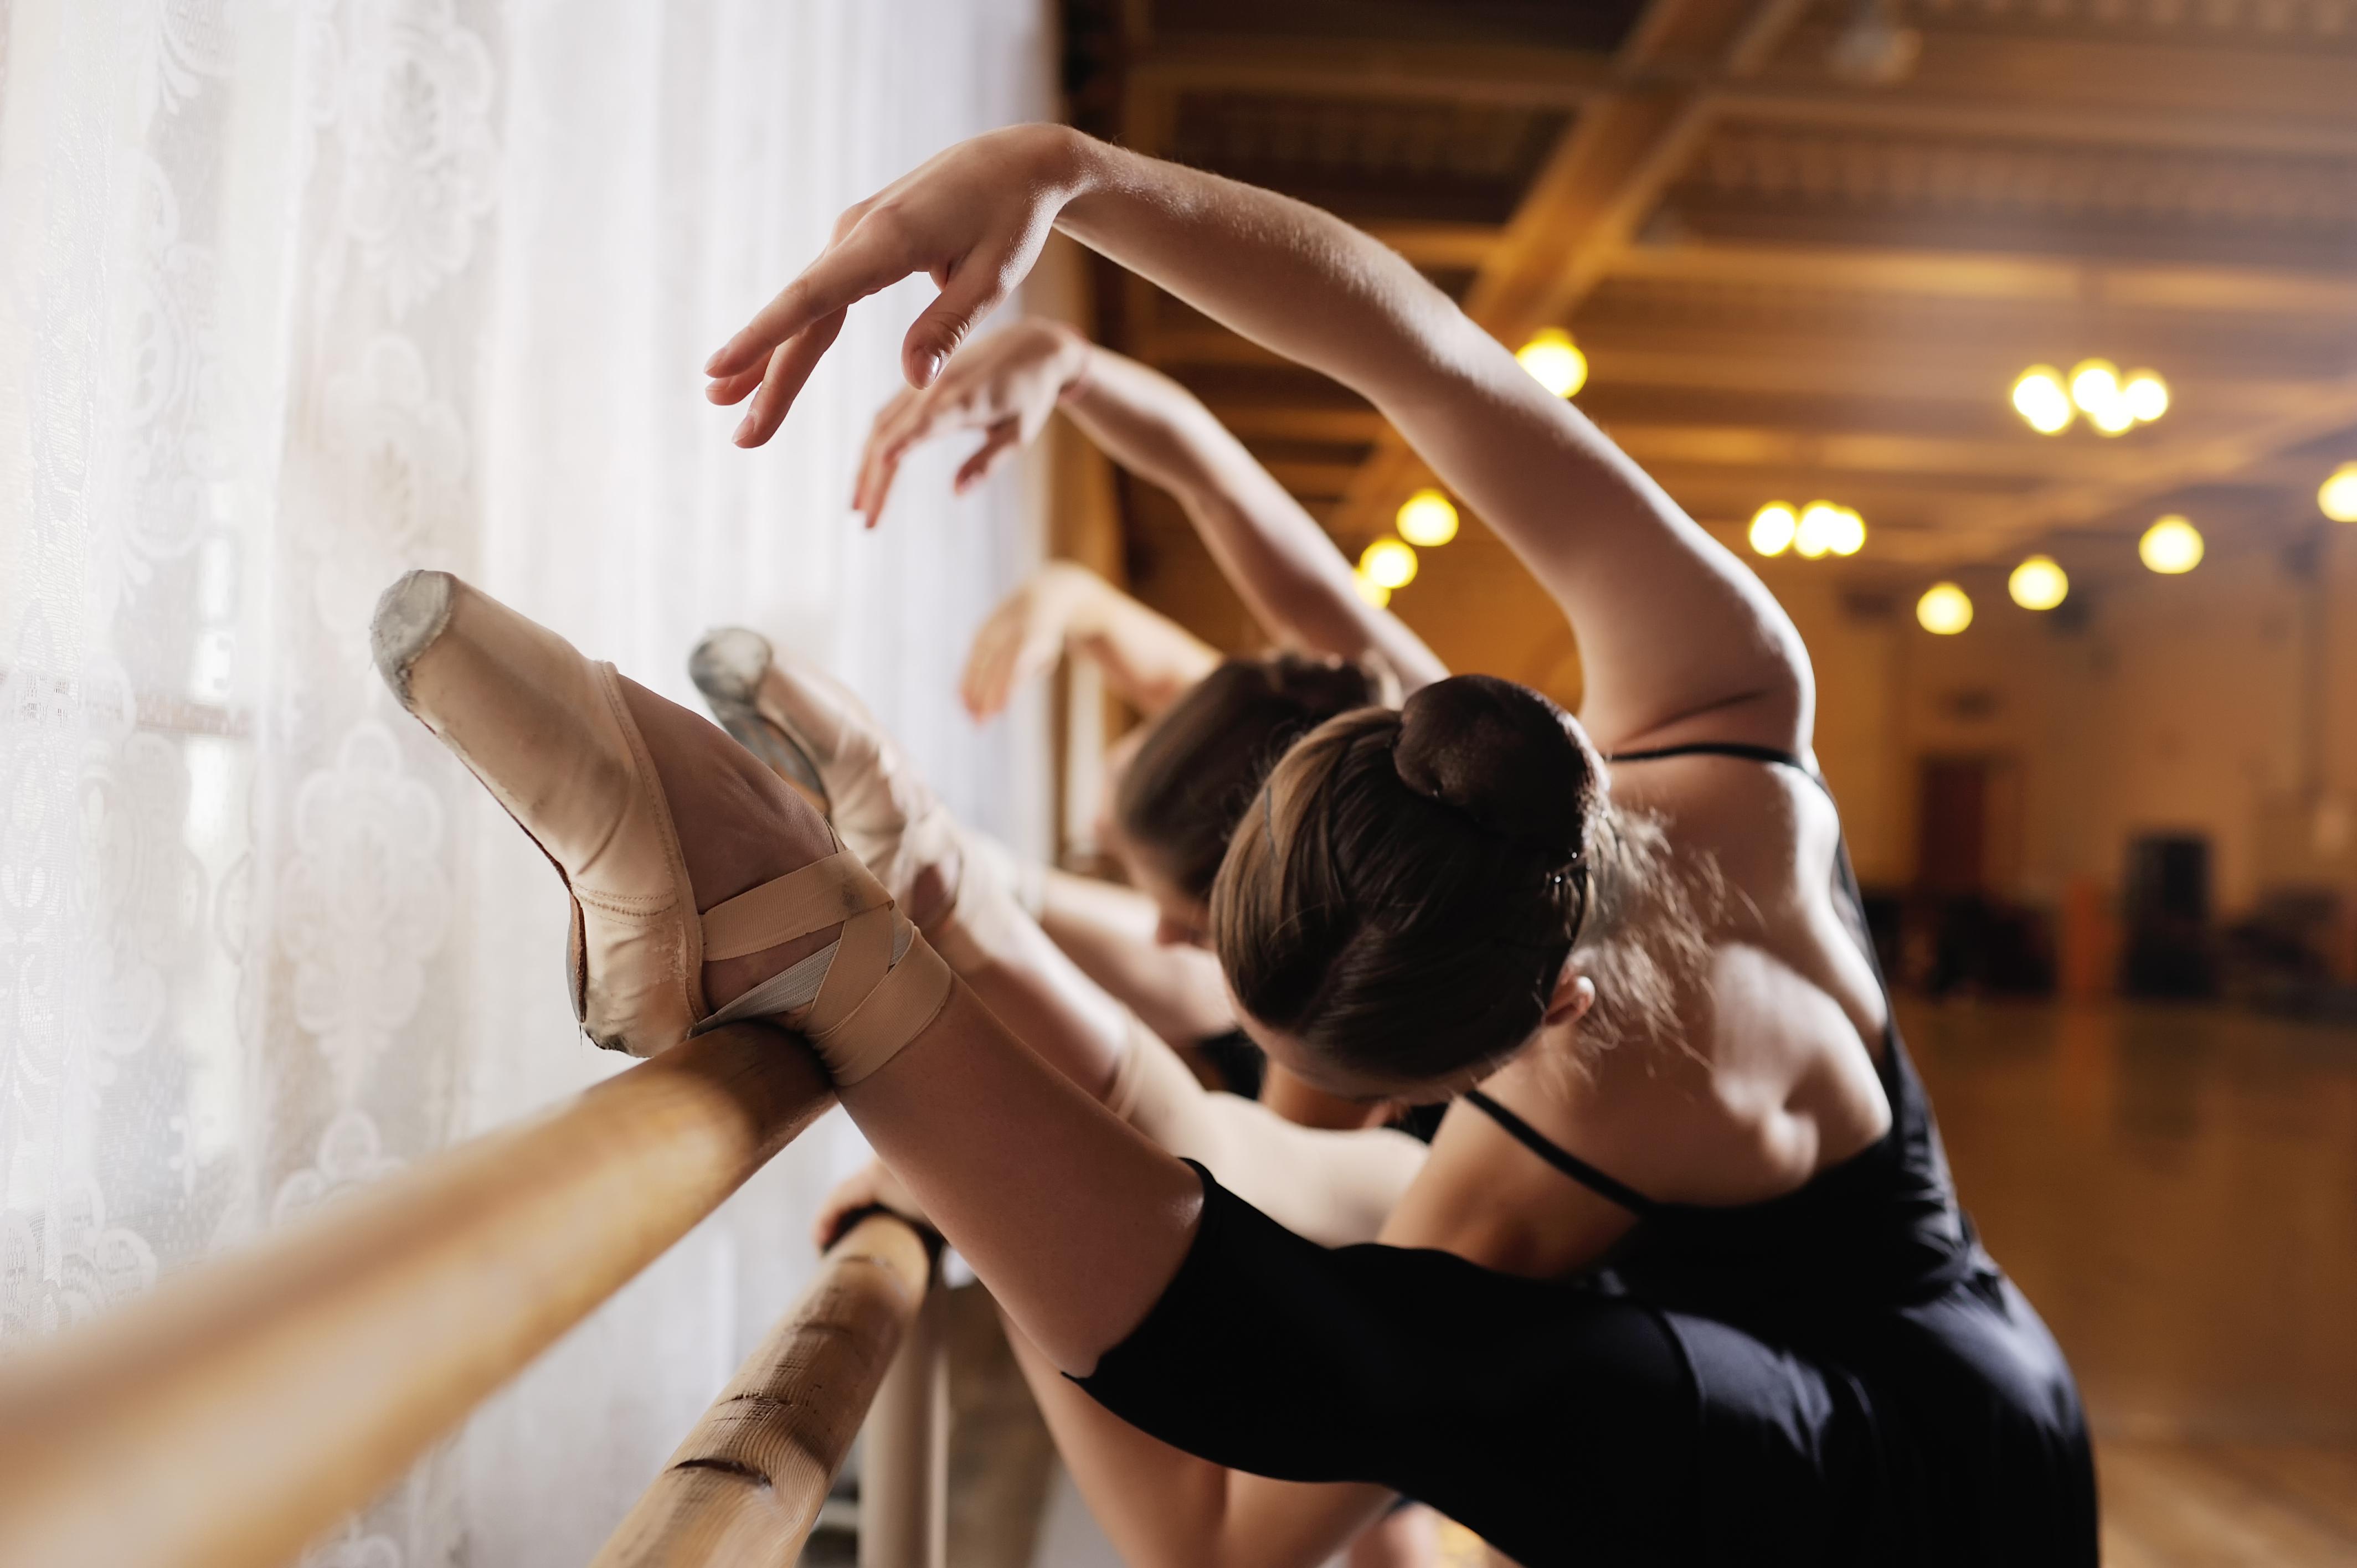 Ta hand om dina fötter och undvik fotproblem.